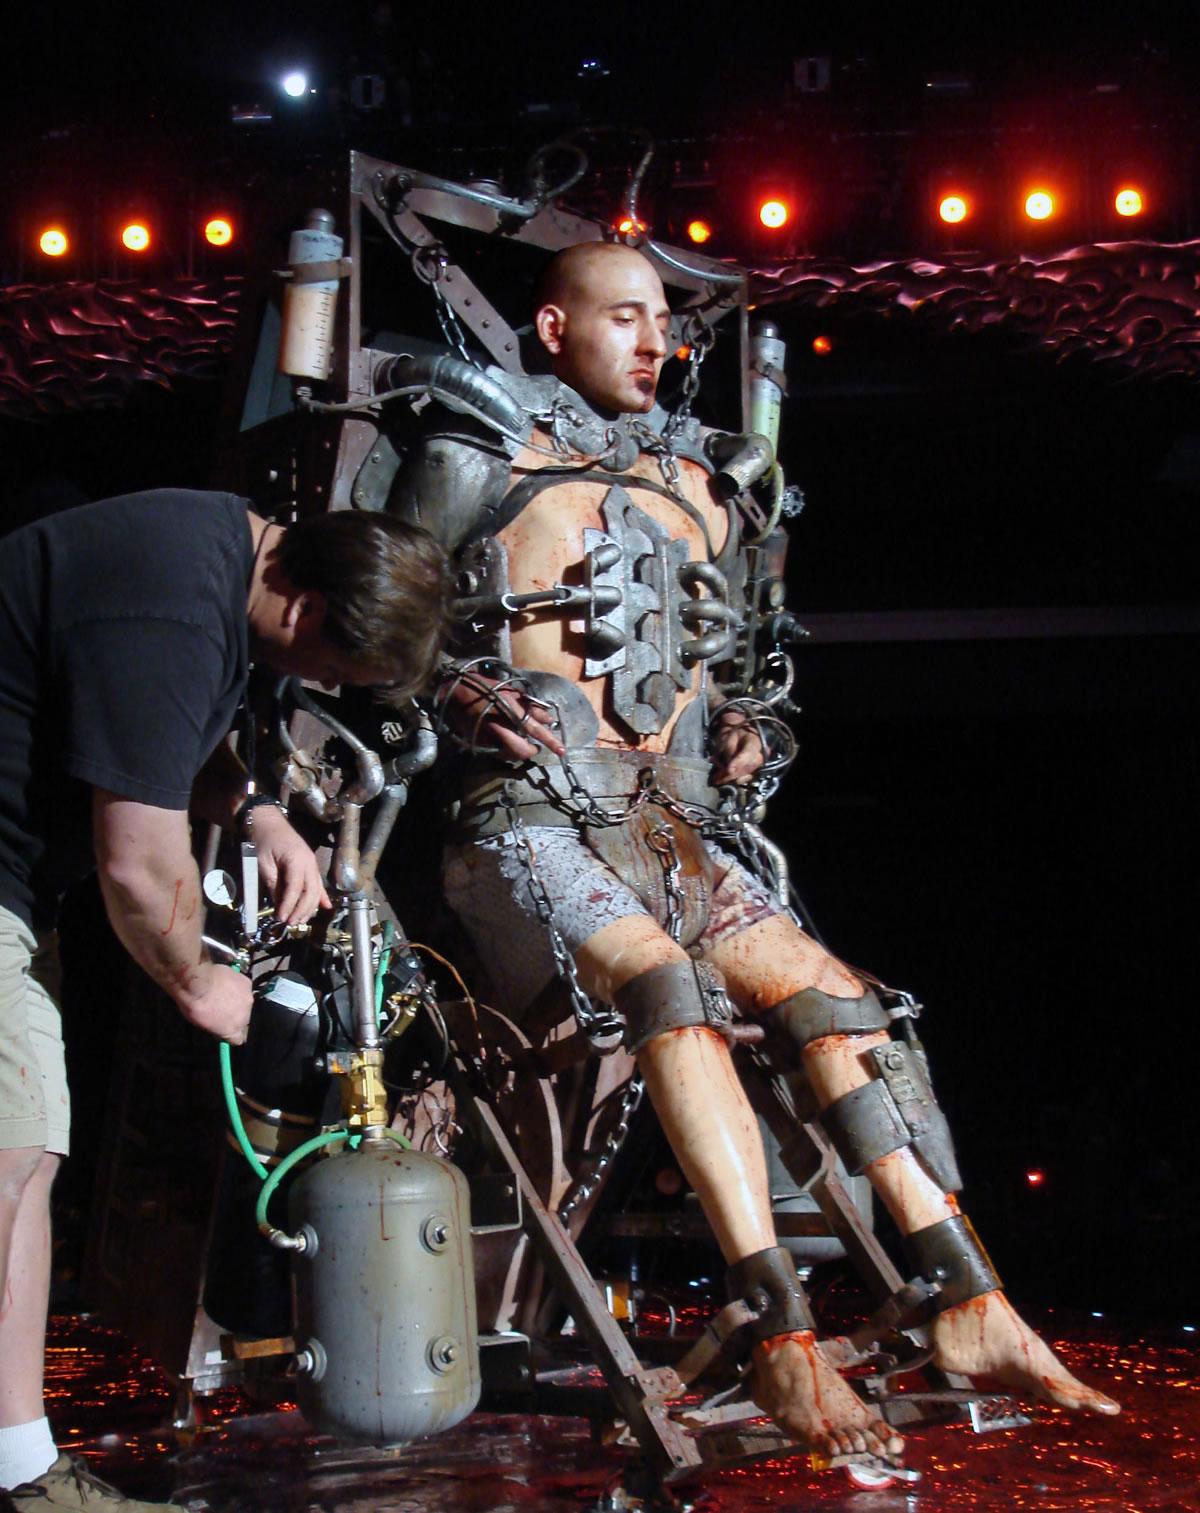 'Scream Awards' Live Show Exploding Body